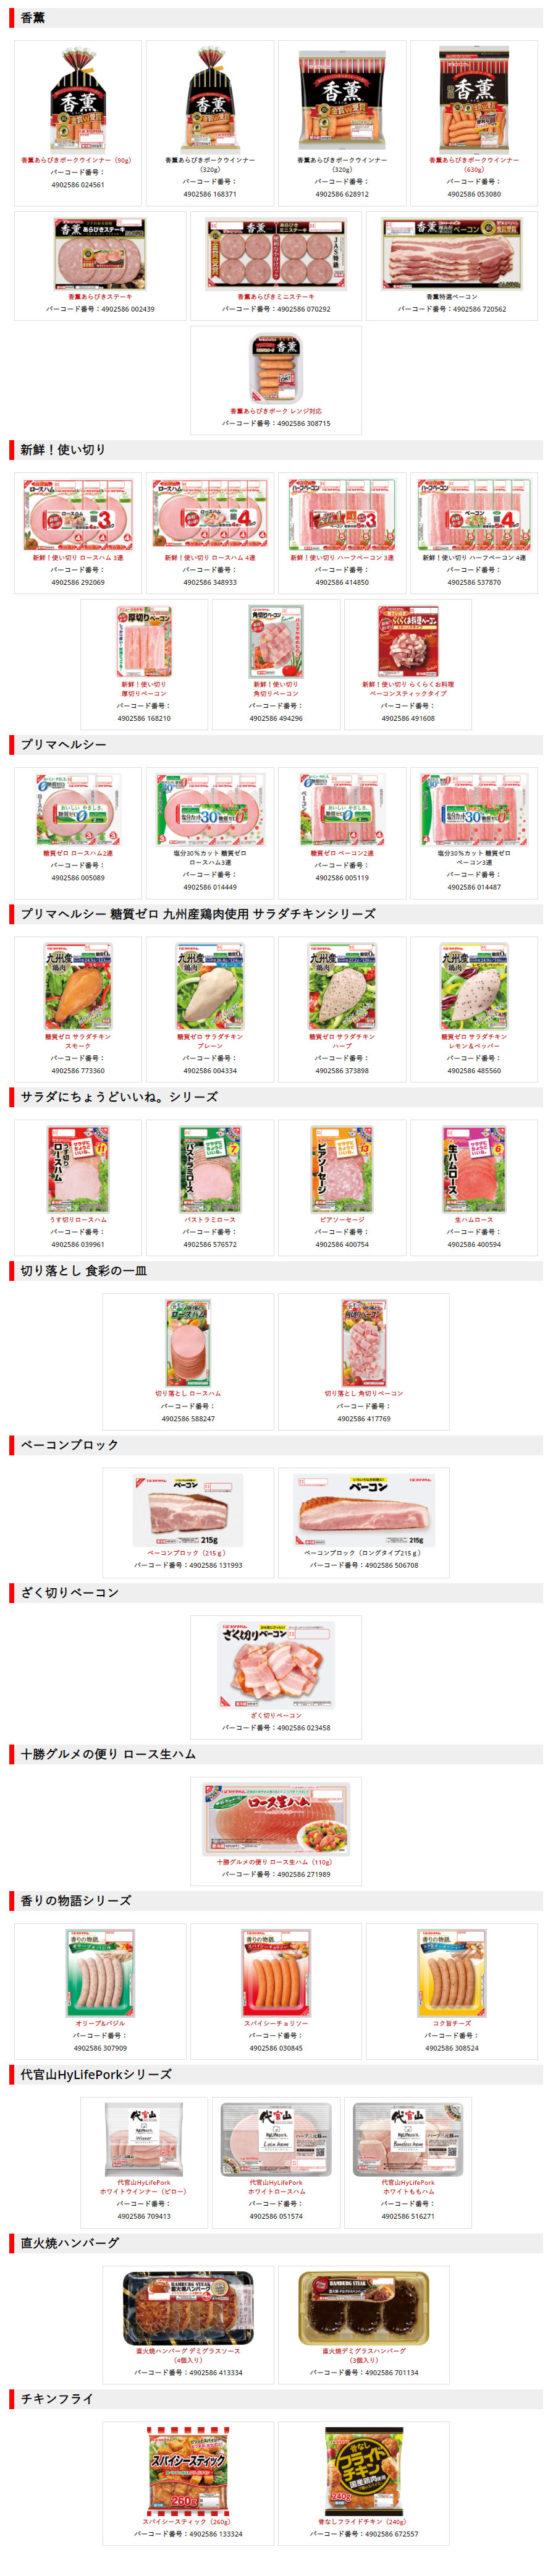 プリマハム香薫 ハロウィン懸賞キャンペーン2020秋 対象商品